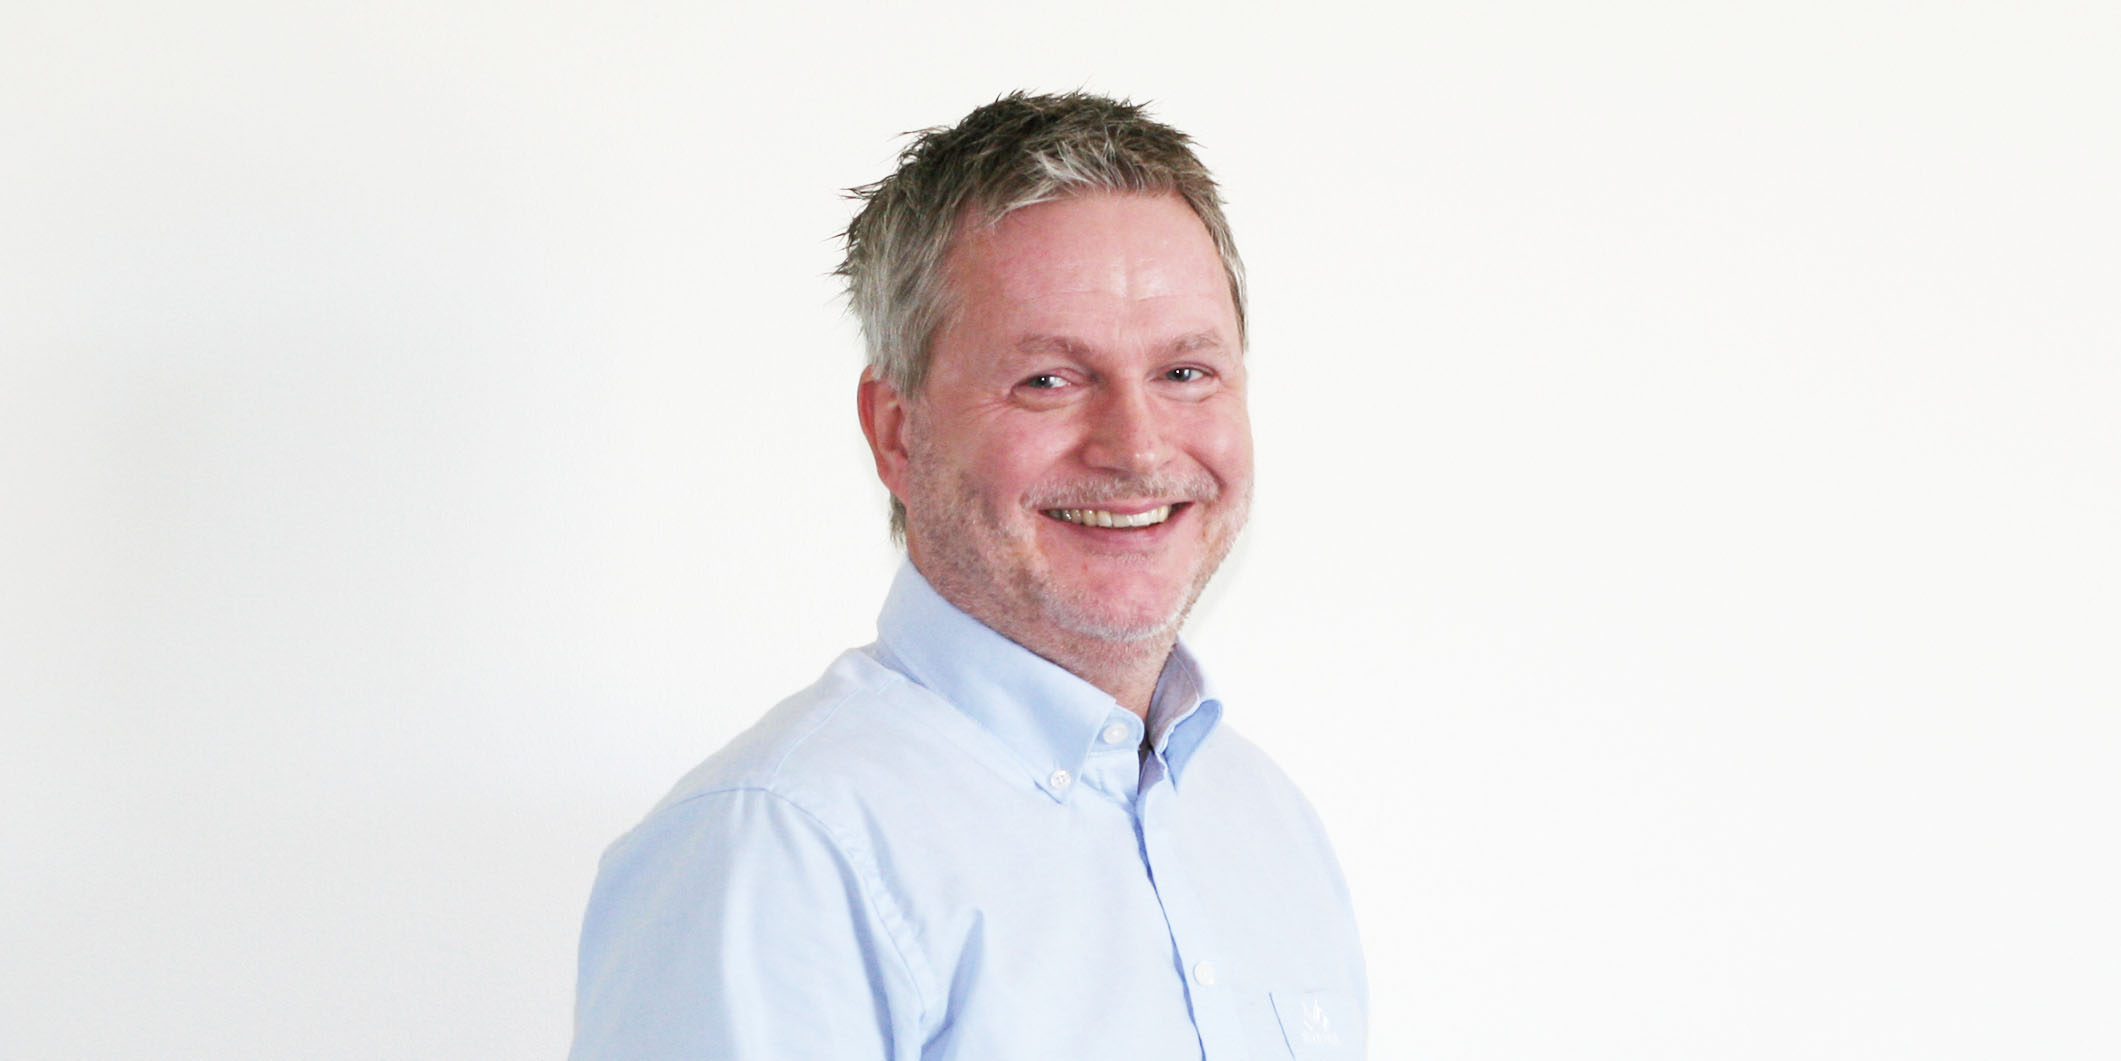 Frank Olsen